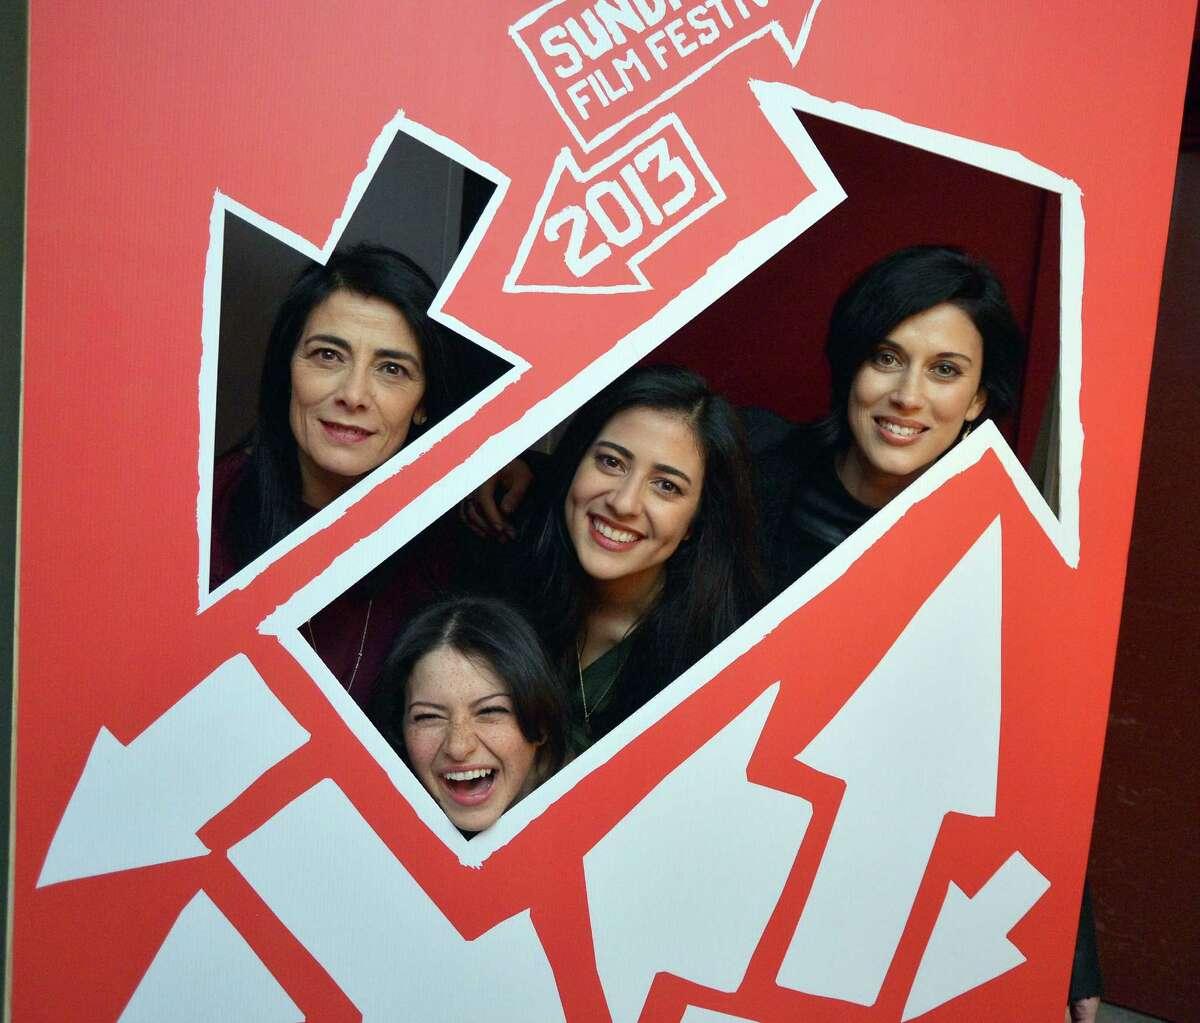 (L-R) Actors Hiam Abbass, Alia Shawkat and Nadine Malouf and director Cherien Dabis attend the